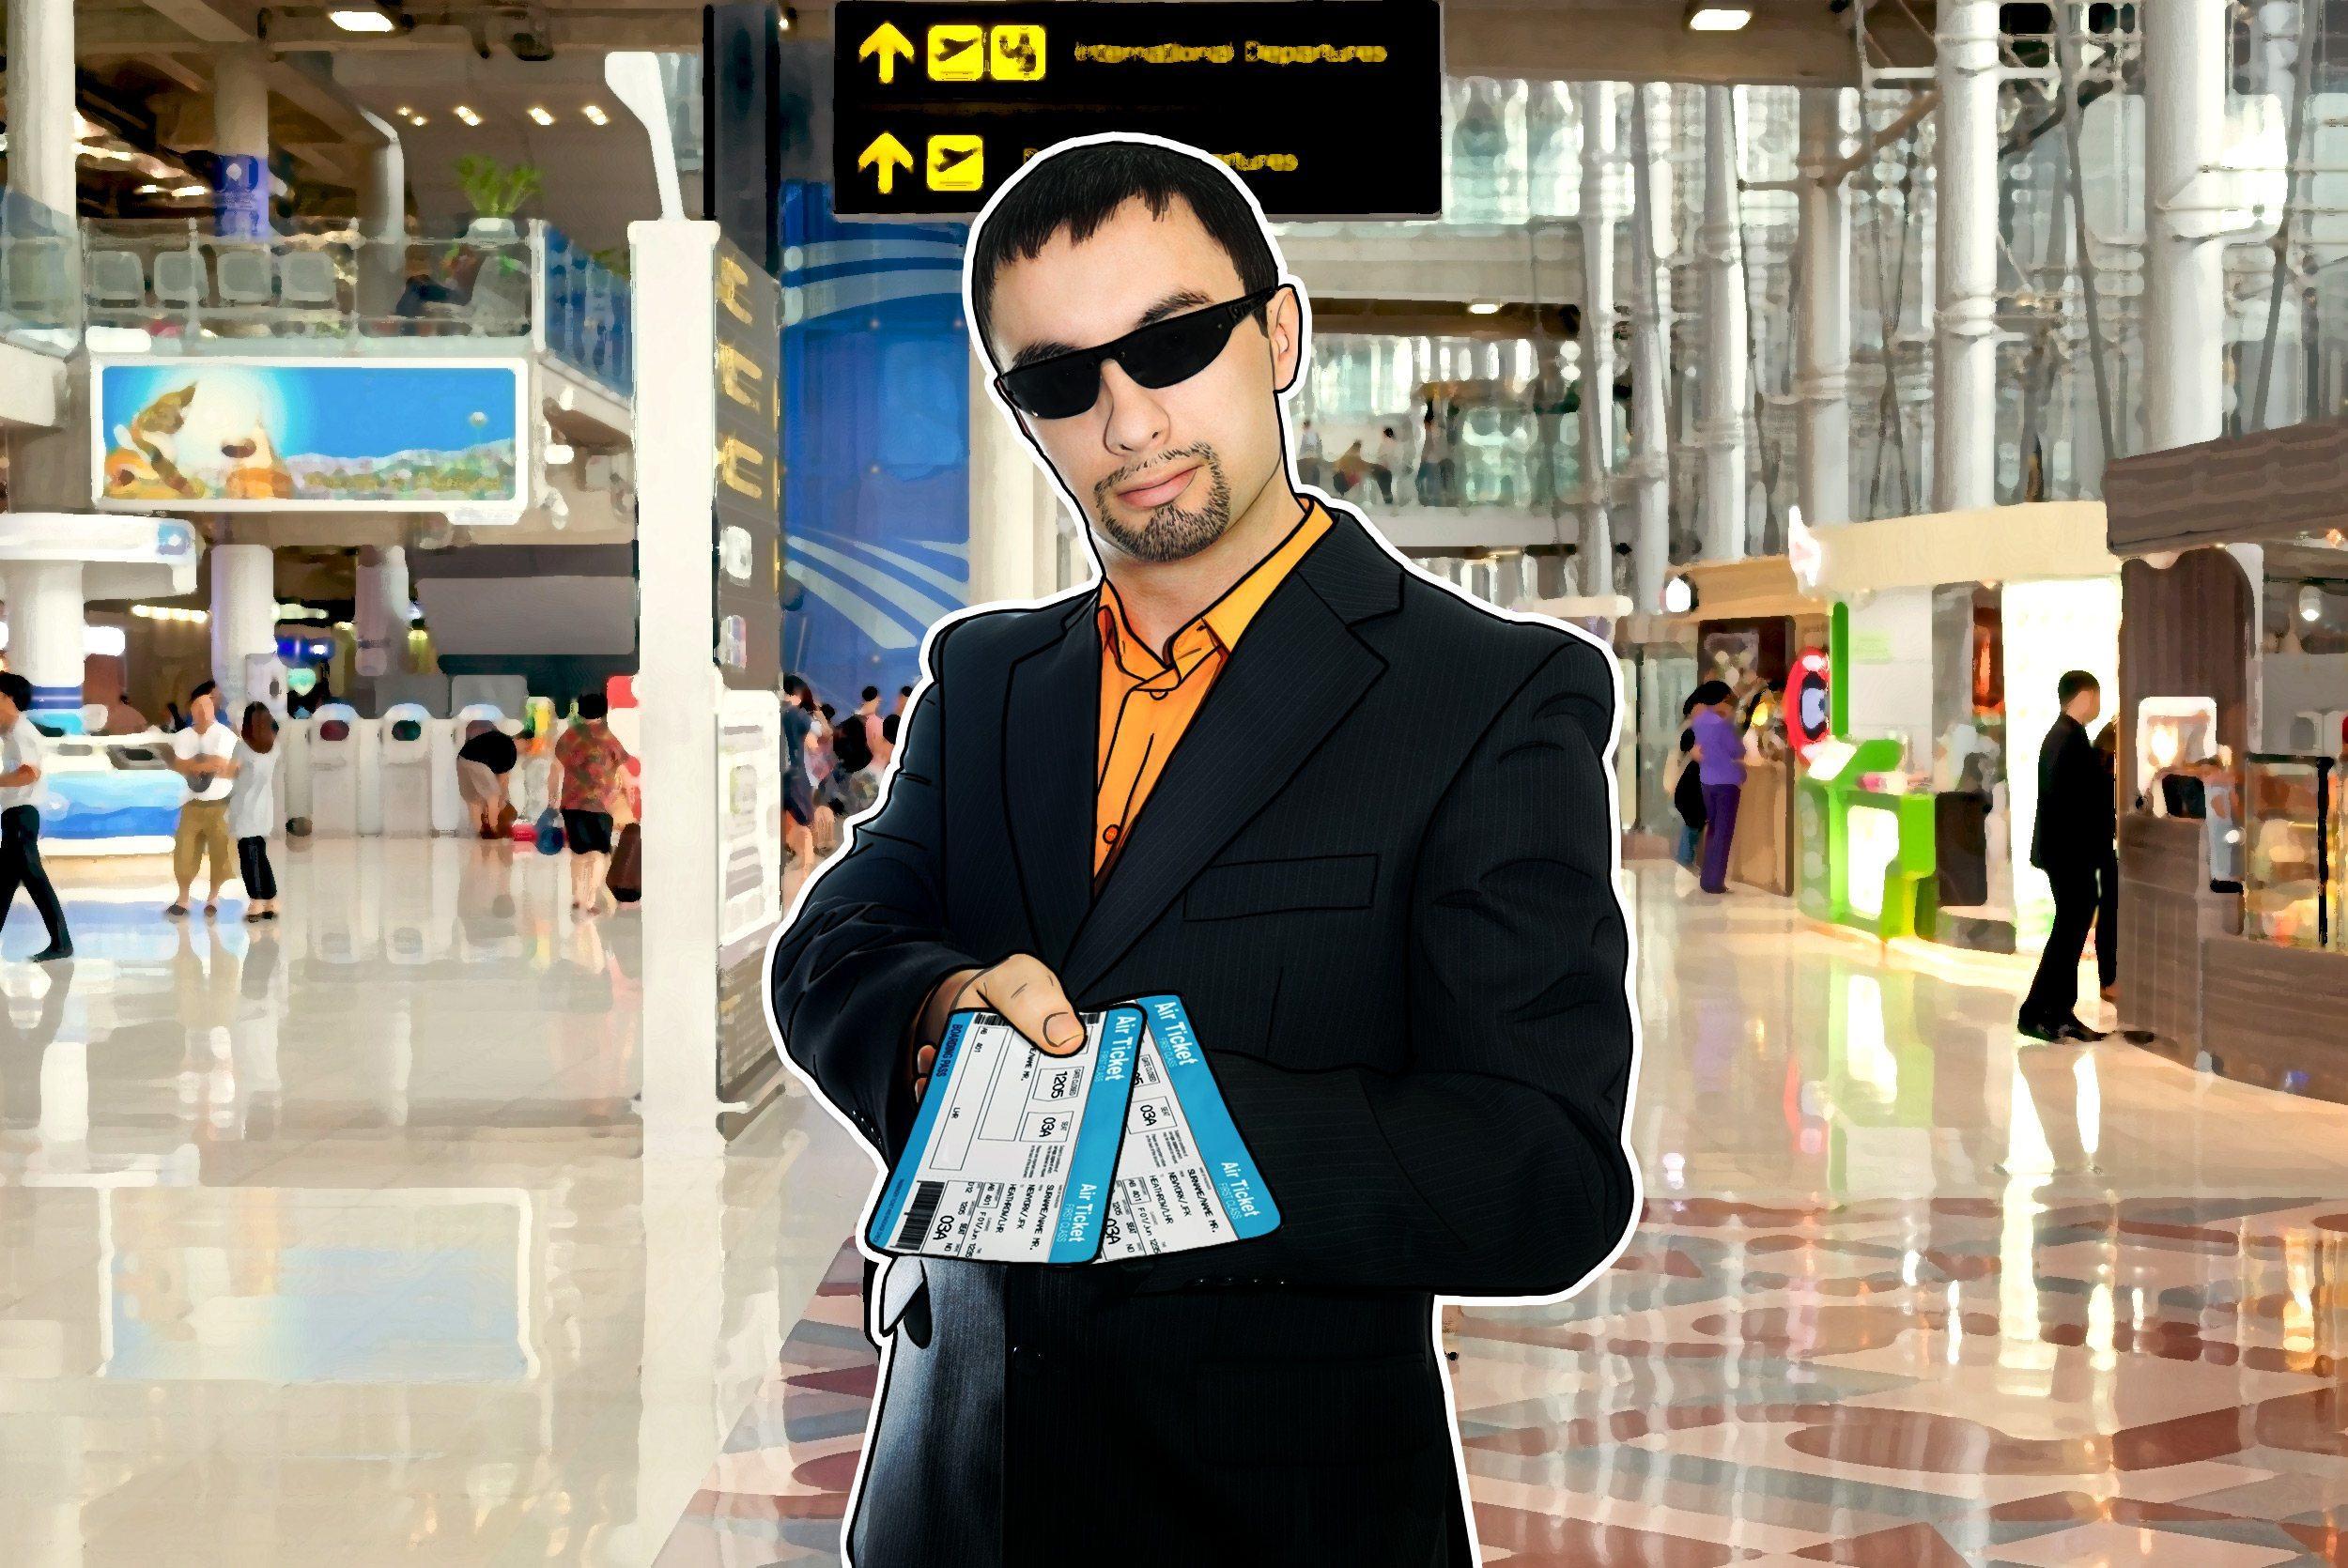 Arnaque sur les réseaux sociaux : non, vous n'avez pas gagné de billets d'avion !